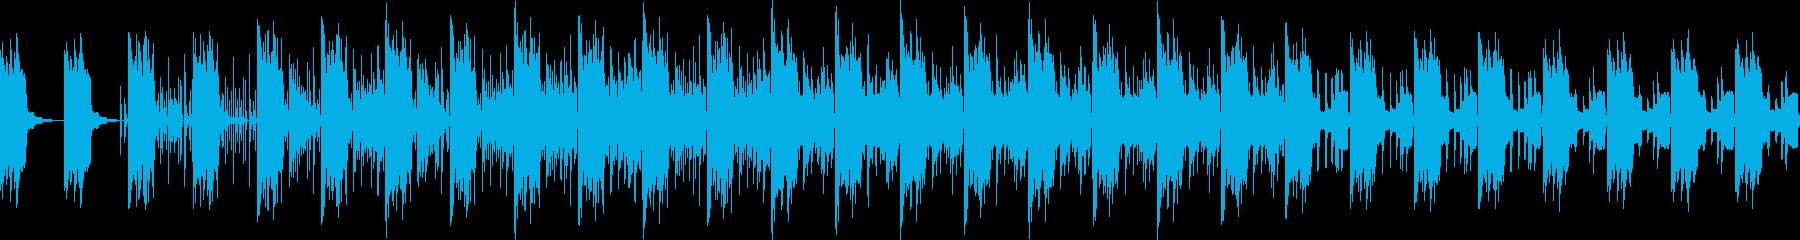 ピコピコでちょっぴり感動的なアンビエントの再生済みの波形